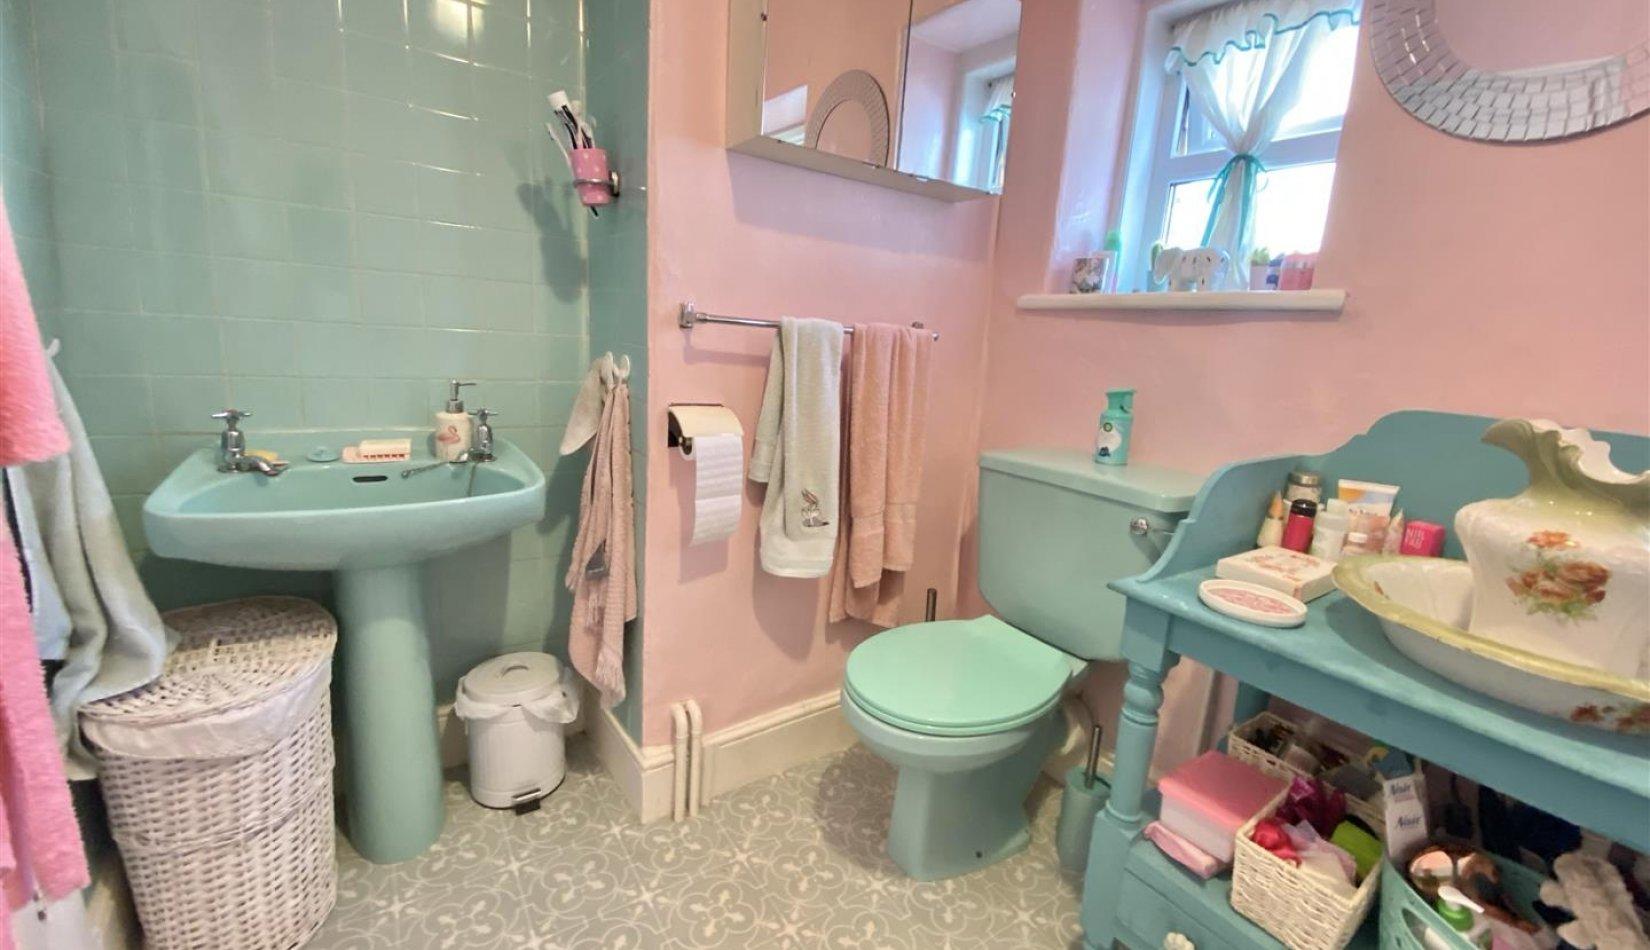 brynog bathroom pic 2.jpg